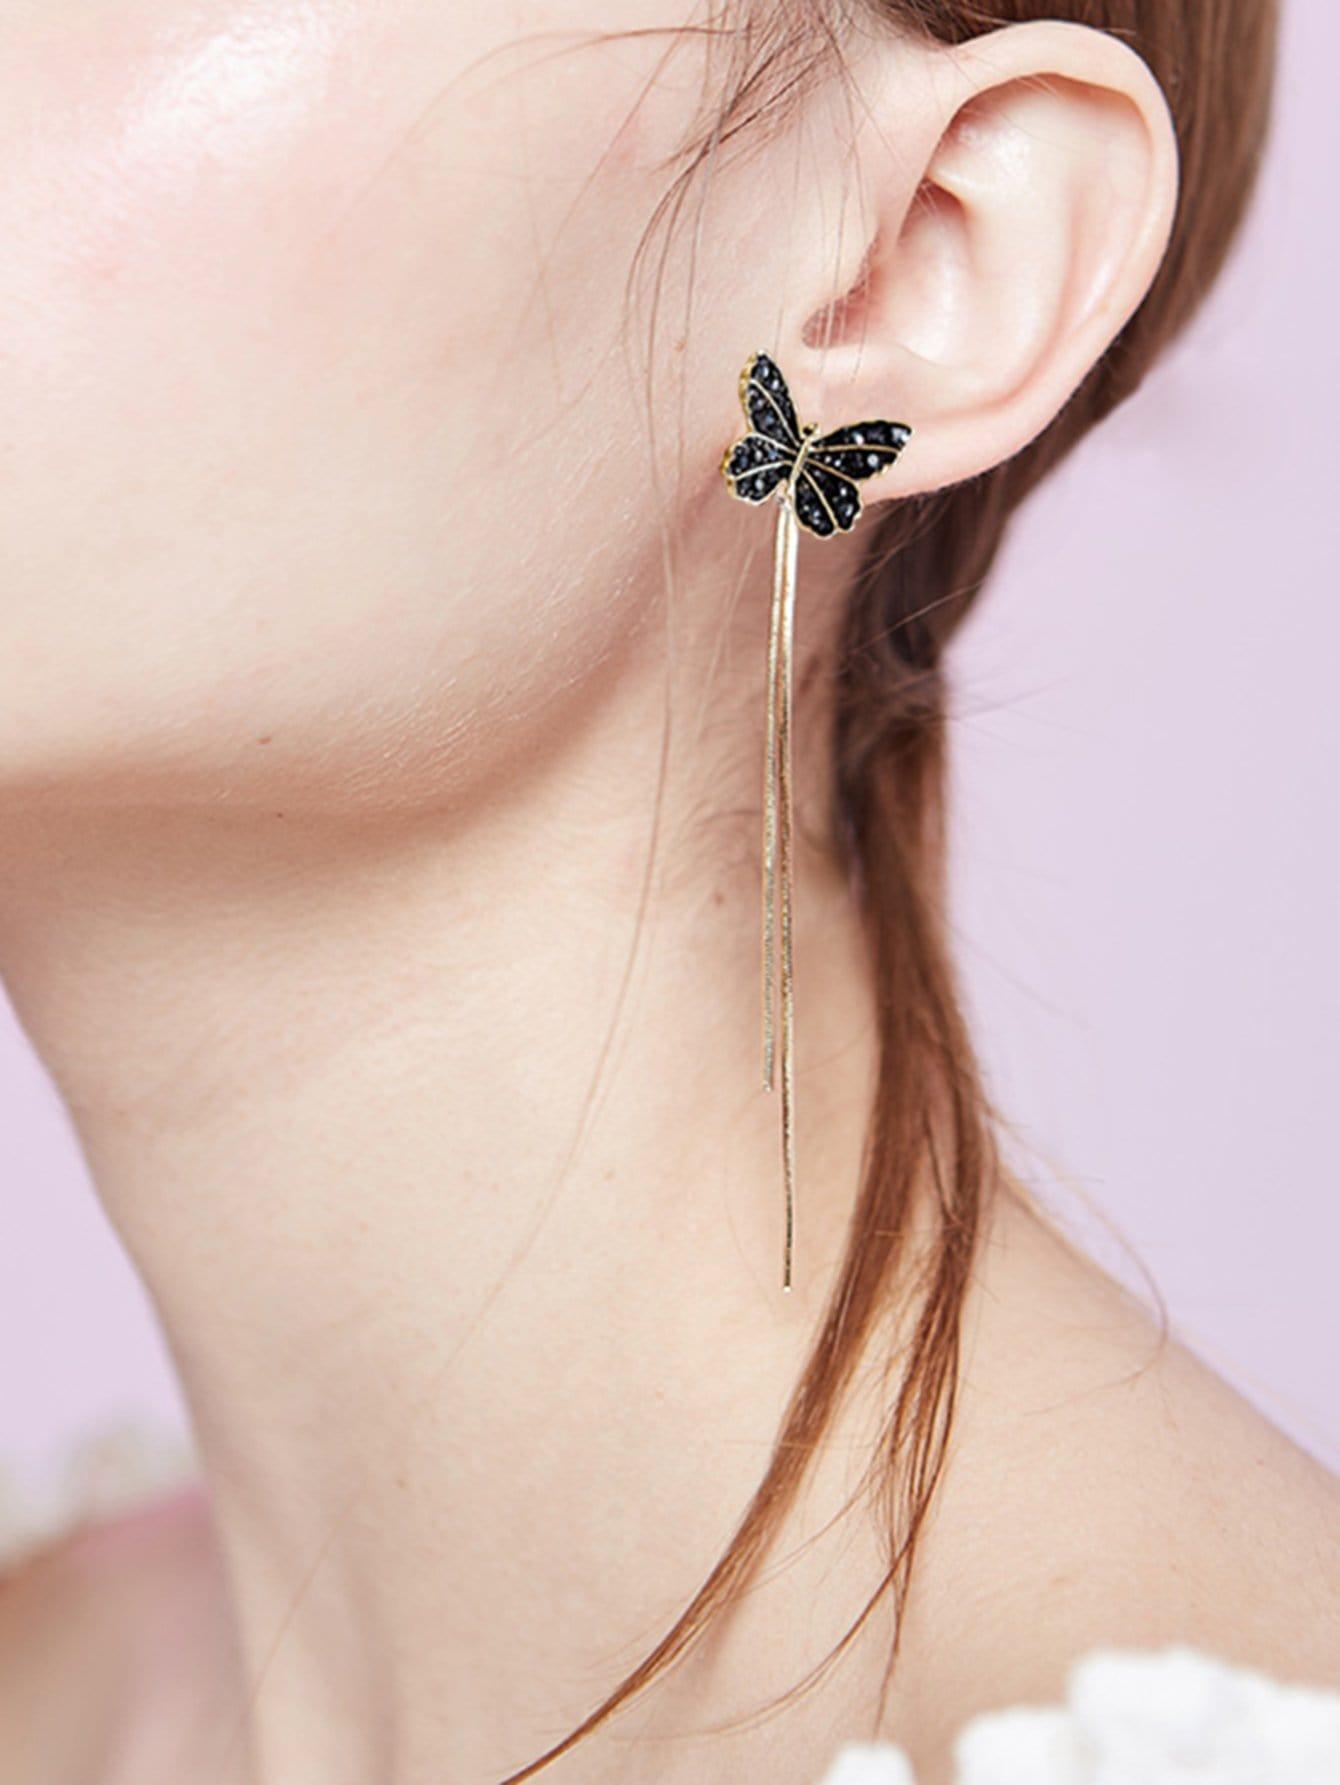 Butterfly Design Drop Earrings two tone cross design drop earrings